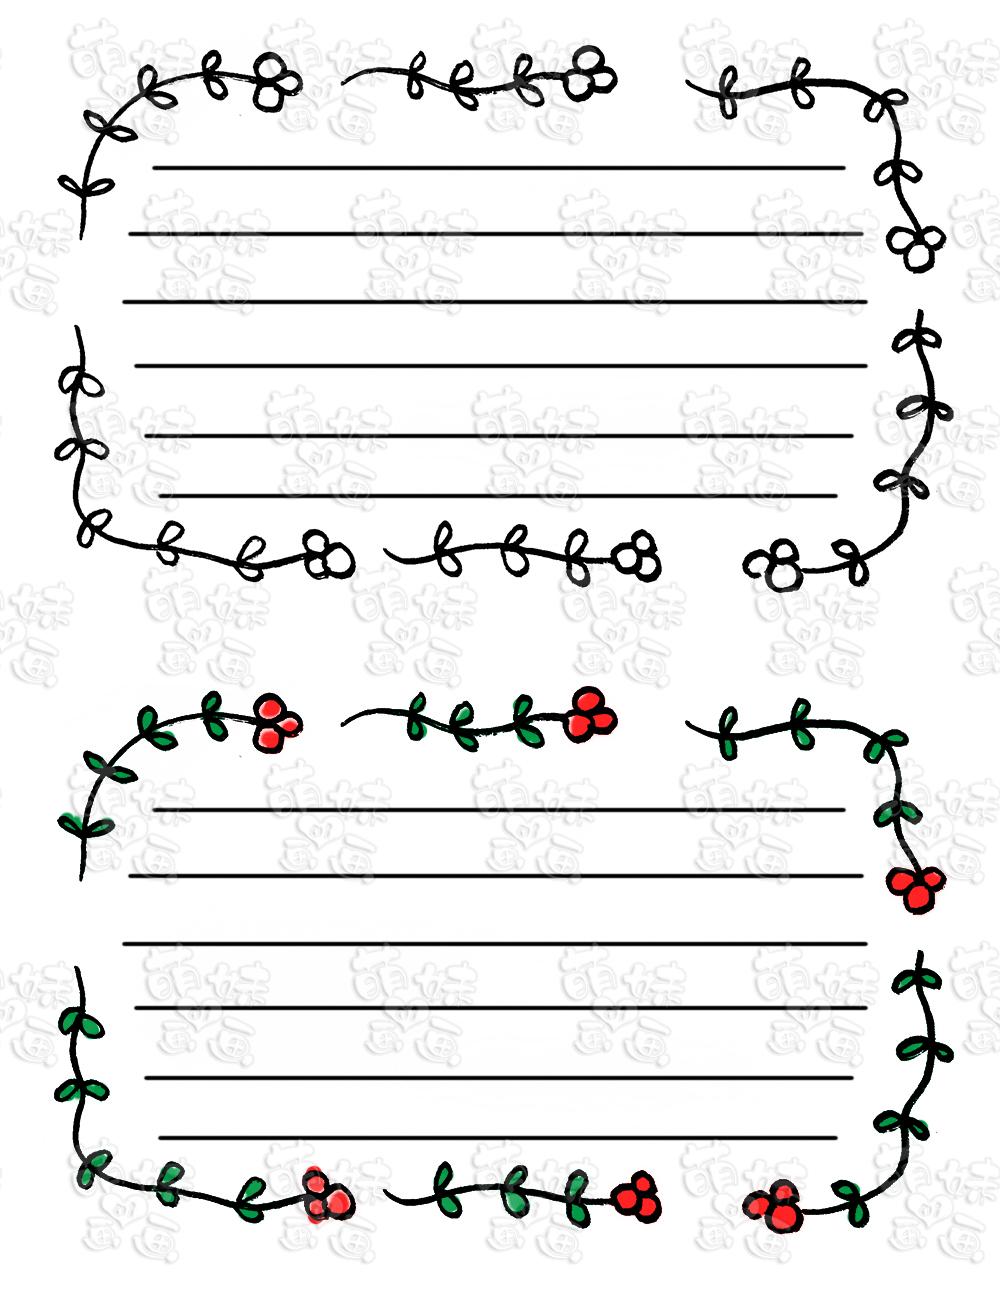 春节学做手抄报——寒假作业手抄报边框绘制技法模板大全